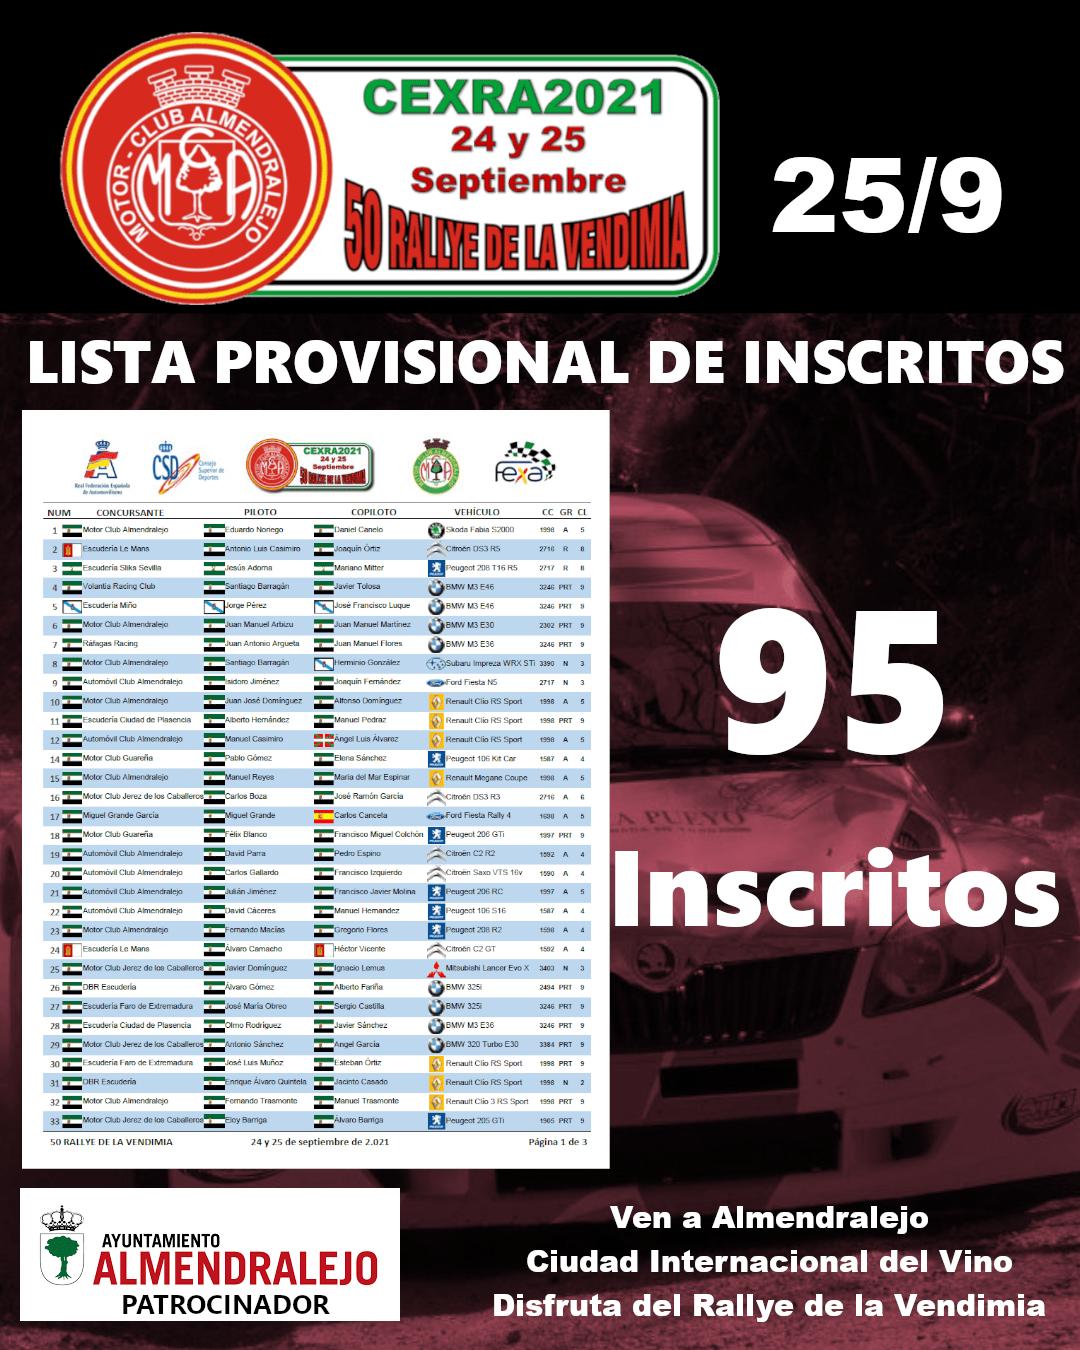 Lista Provisional de Inscritos del 50 Rallye de la Vendimia